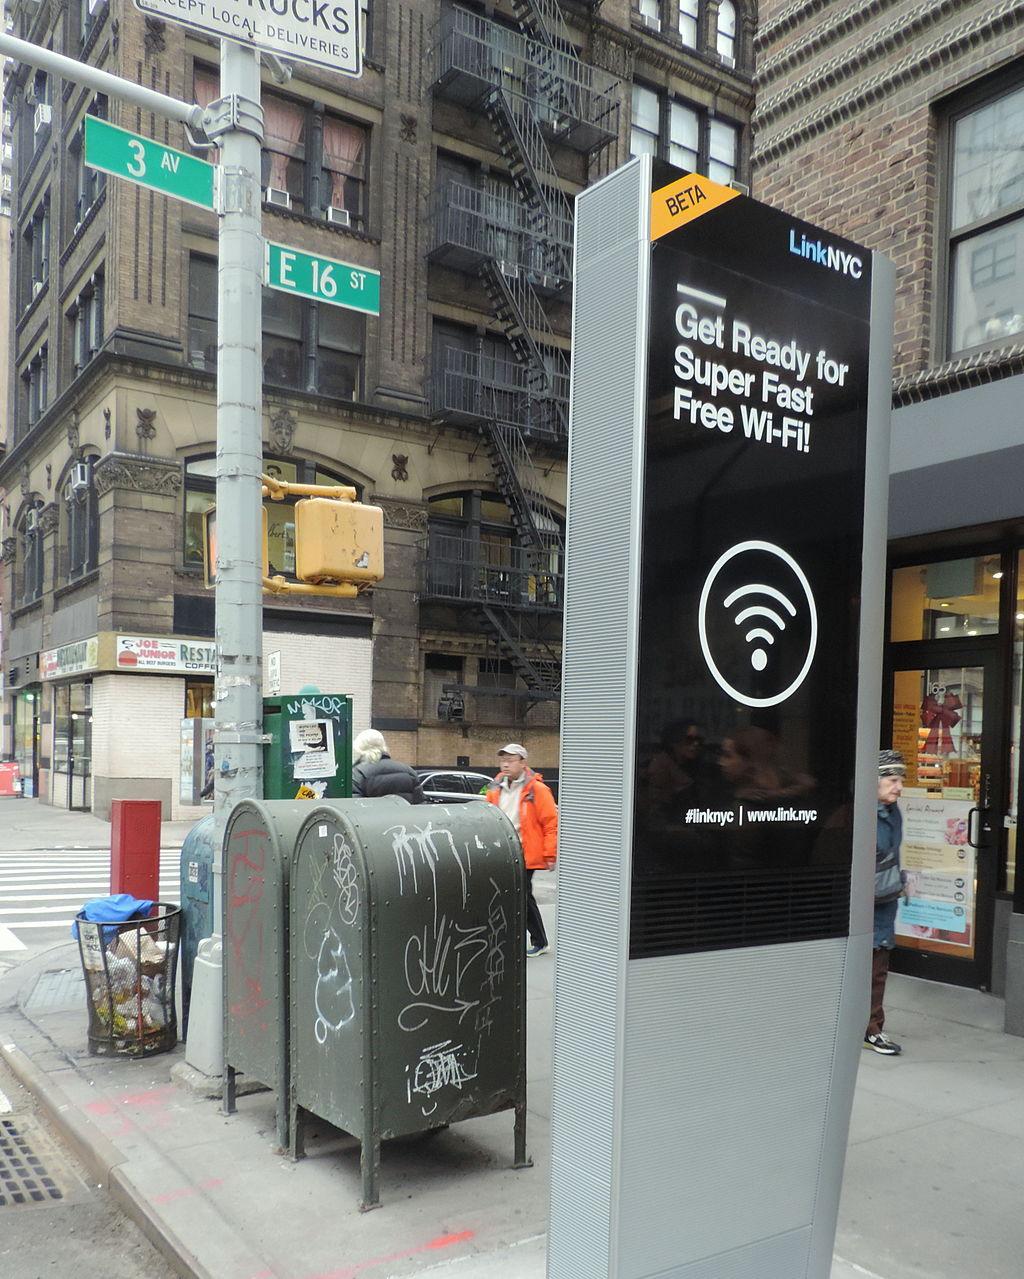 3d_Av_16_St_LinkNYC_station_jeh.JPG